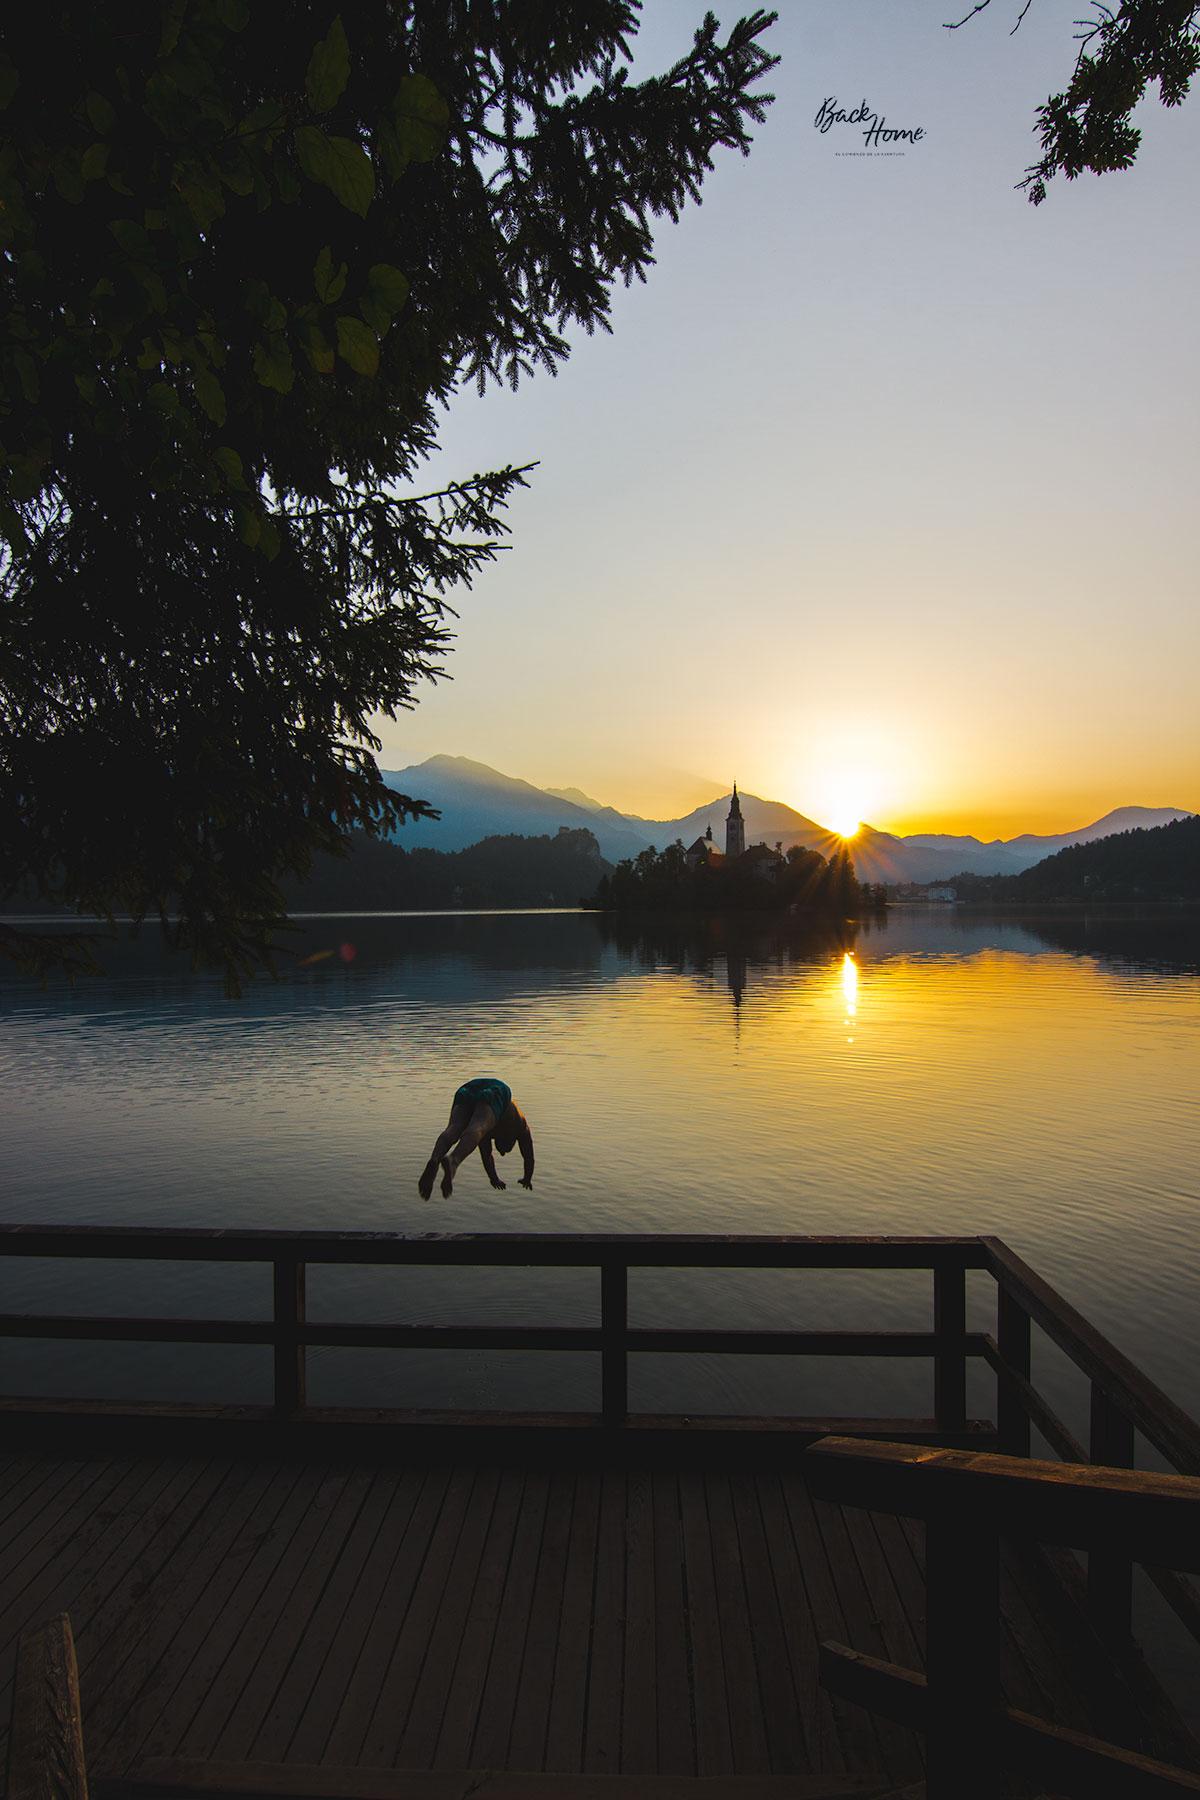 lago_bled_los_lugares_de_cuento_existen_amanecer